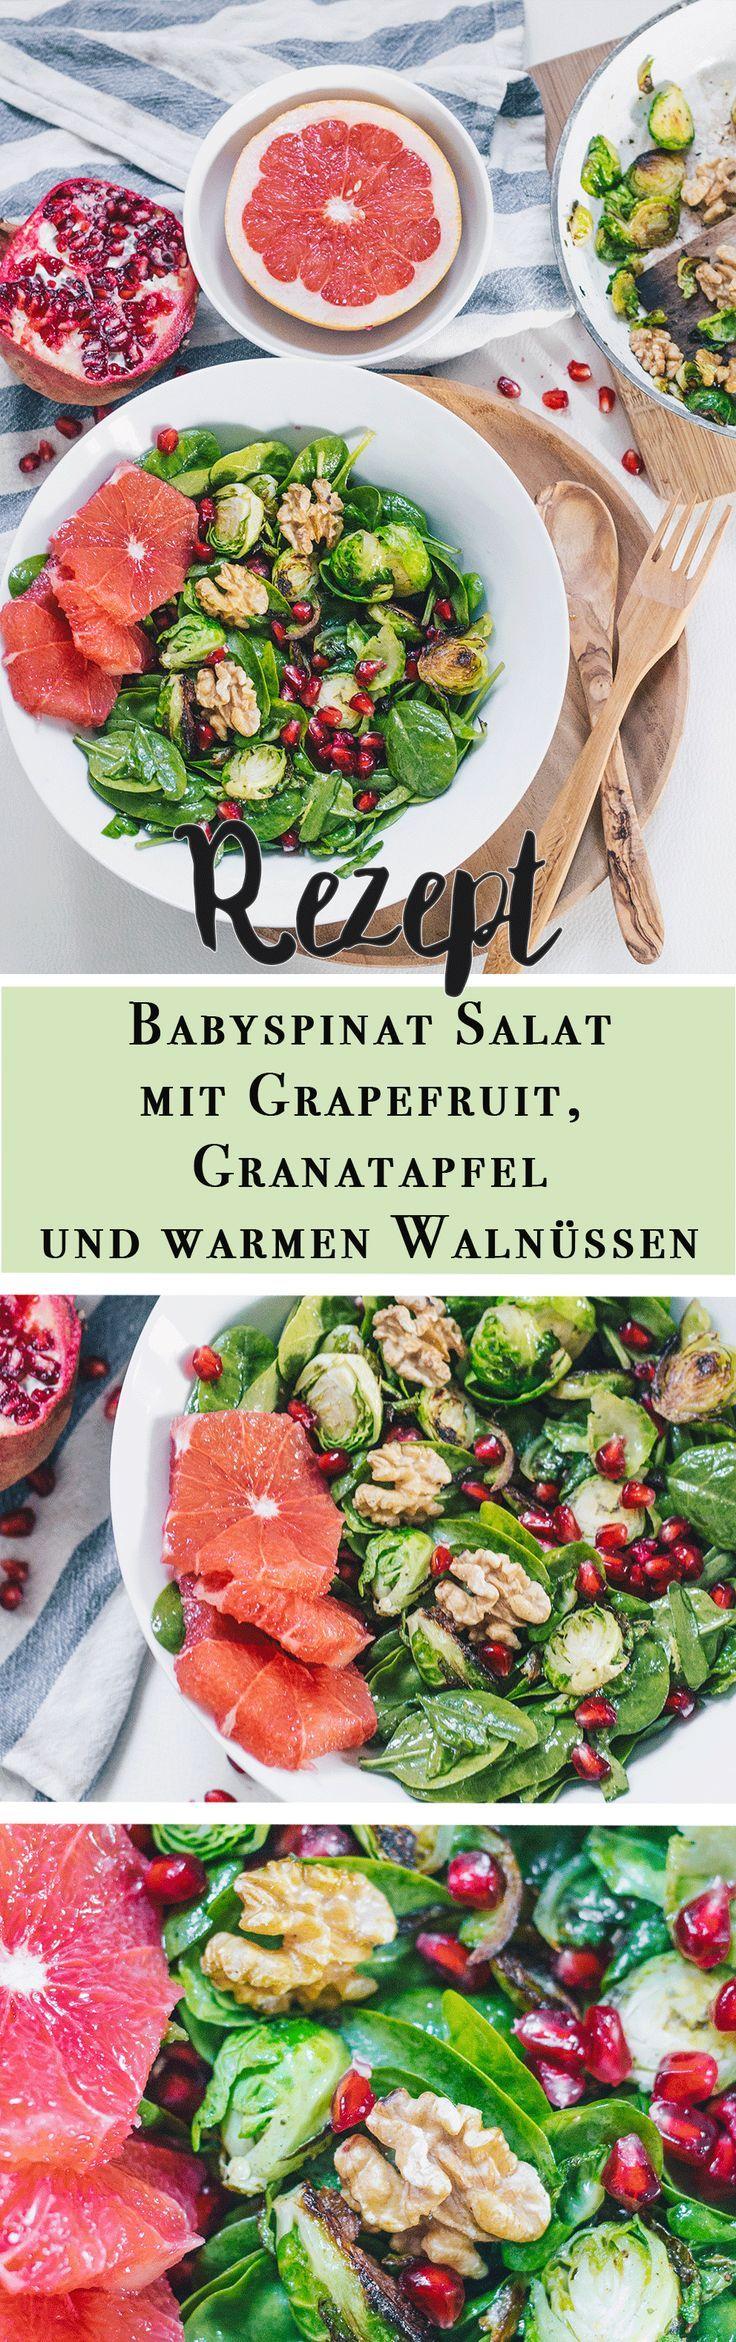 Winter Salat mit Walnüssen, Grapefruit und Granatapfelkernen auf VANILLAHOLICA.com . Mit einem Salat kann man sowohl im Winter als auch Sommer nicht falsch machen. Ein Walnuss, Grapefruit und Granatapfelkern Salat mit Babykohlsprossen und Babyspinat, enthält viel Eisen und reichlich wichtige Vitamine, um das Immunsystem zu stärken. Einfach, lecker, vegan, und im Handumdrehen zubereitet.